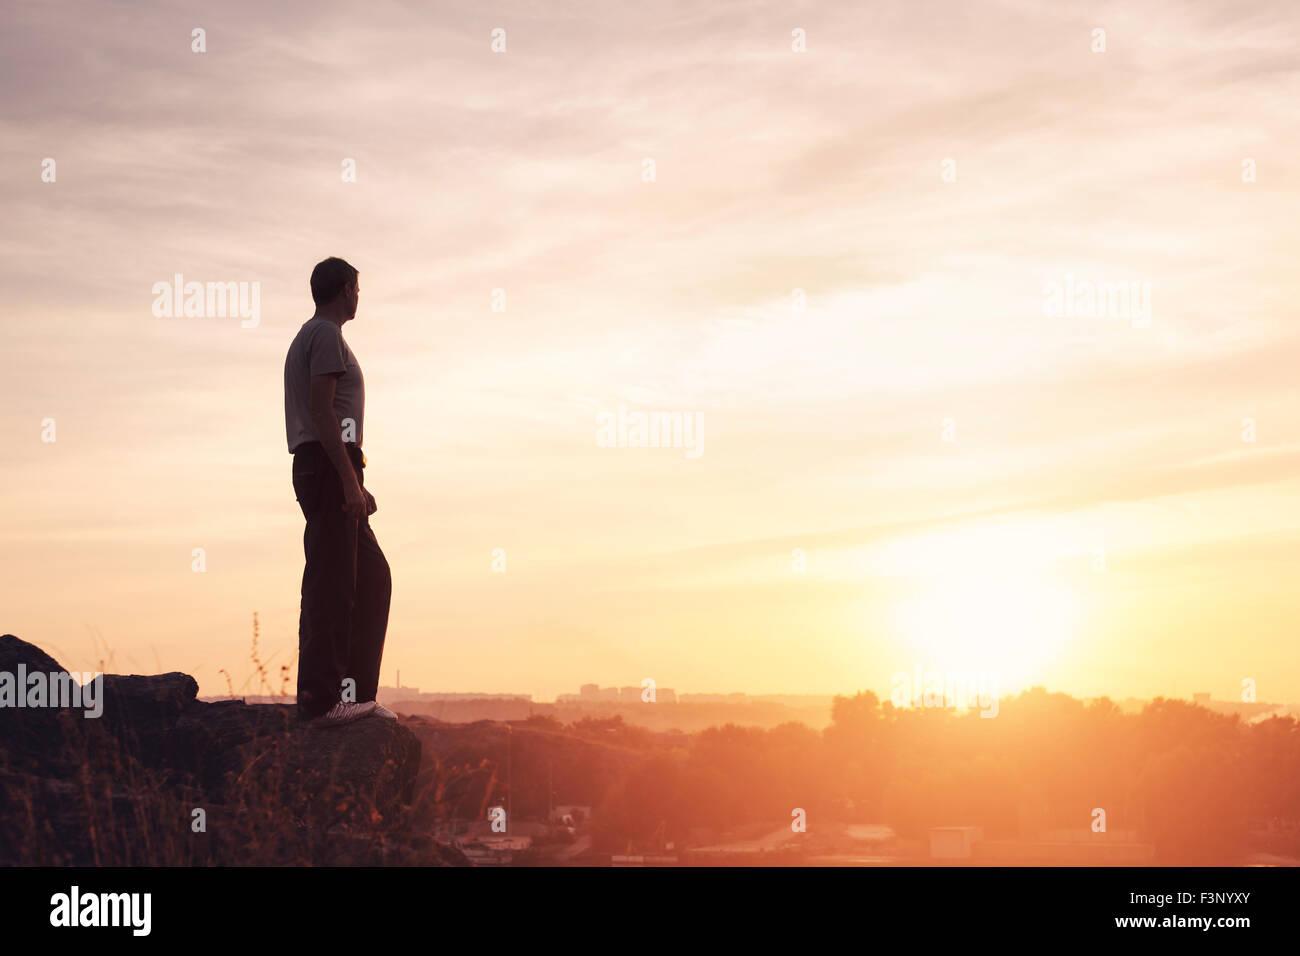 Silueta de un hombre con los brazos arriba planteadas en el hermoso atardecer en la montaña. Antecedentes Imagen De Stock